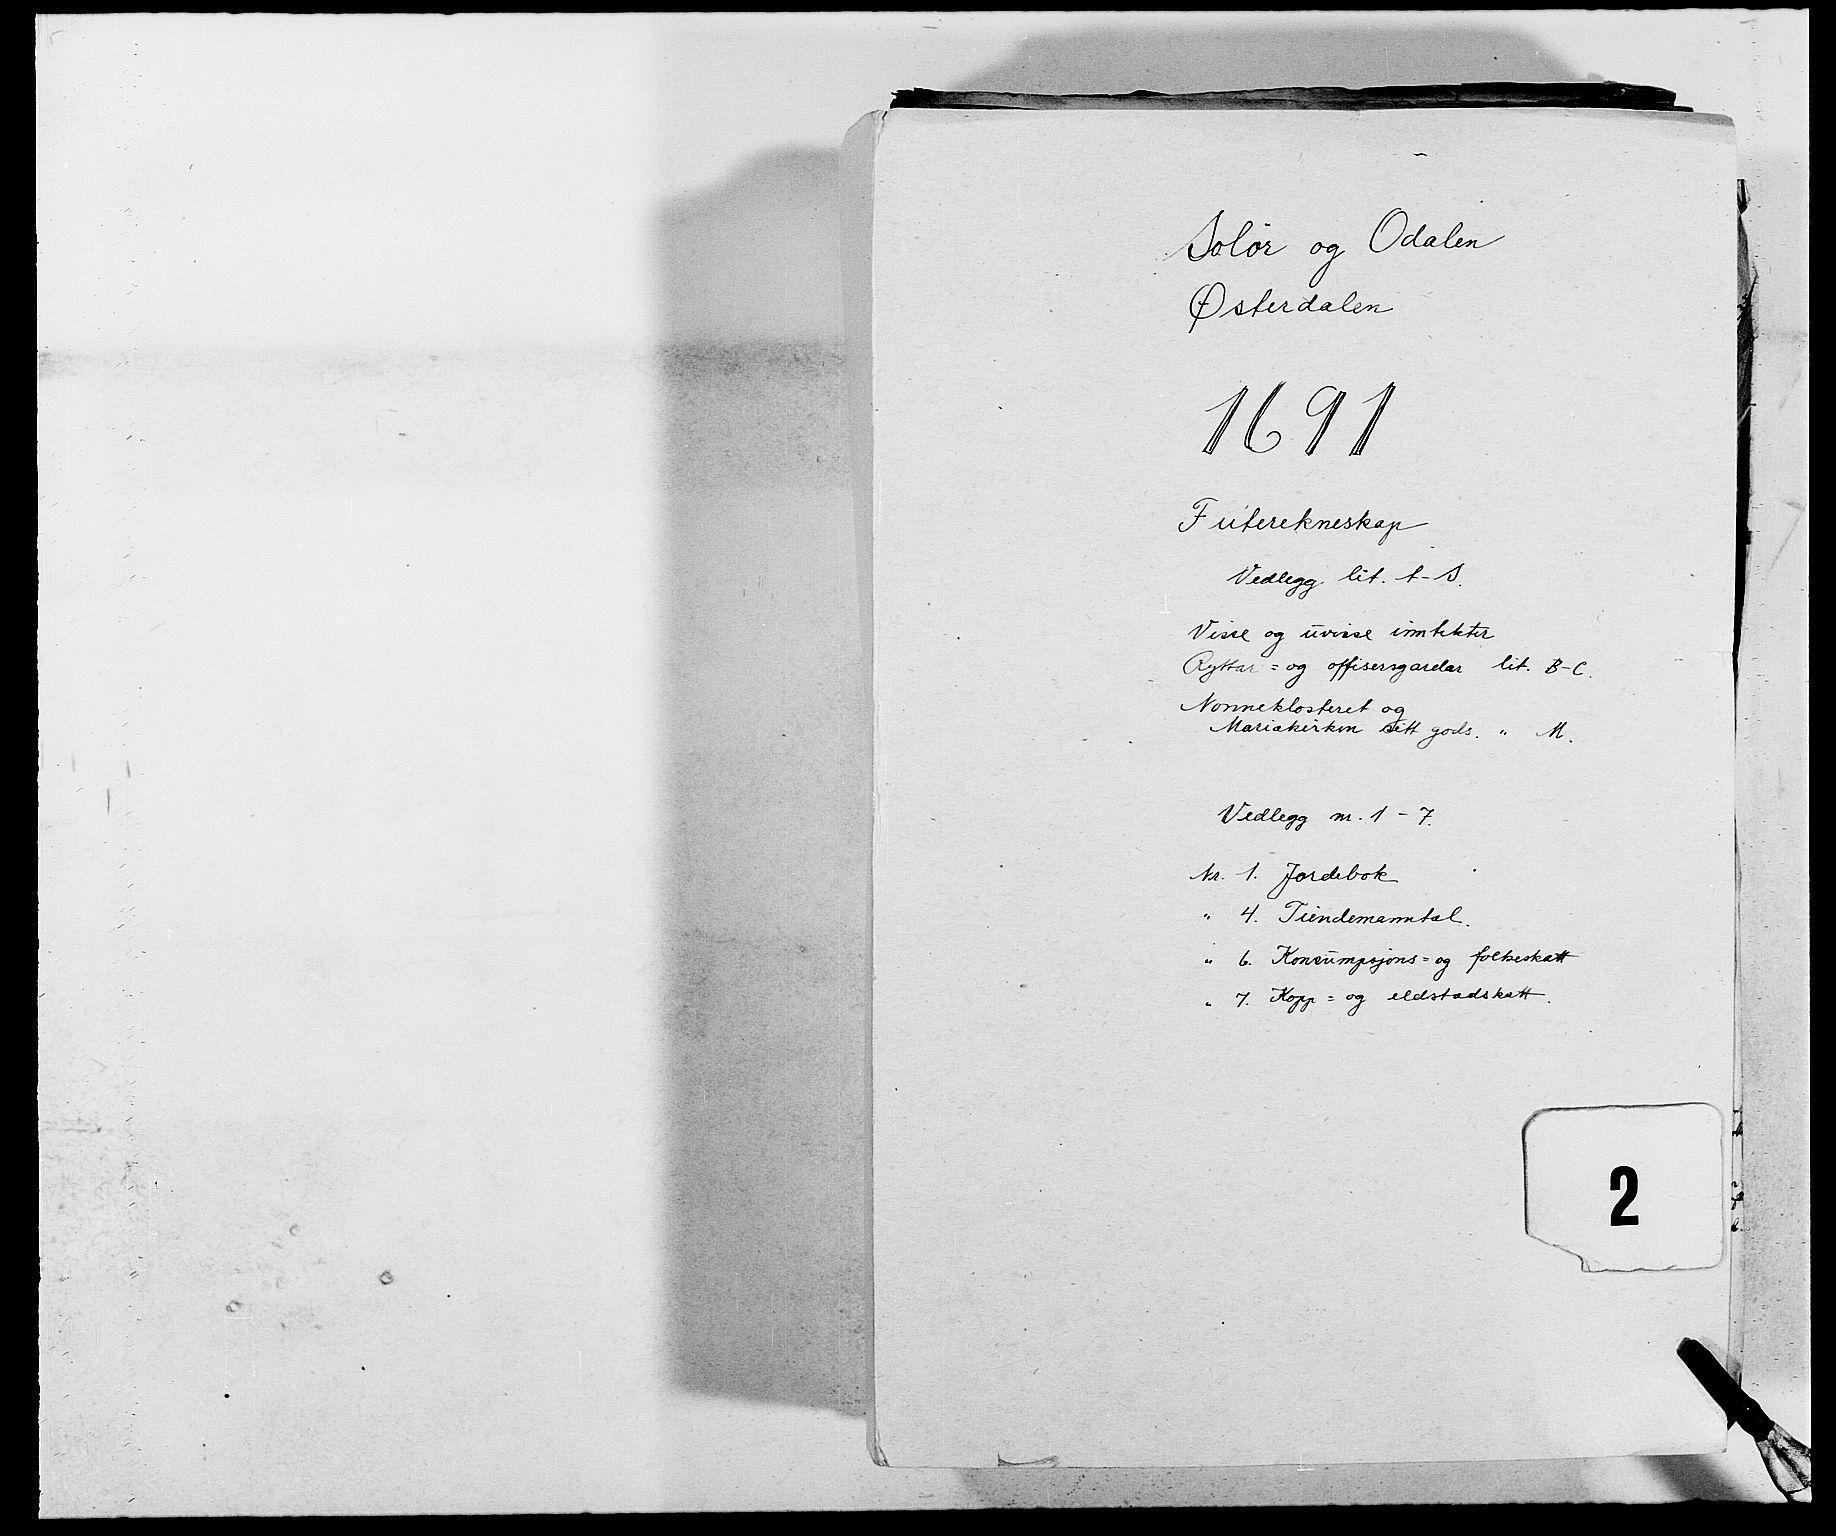 RA, Rentekammeret inntil 1814, Reviderte regnskaper, Fogderegnskap, R13/L0829: Fogderegnskap Solør, Odal og Østerdal, 1691, s. 1